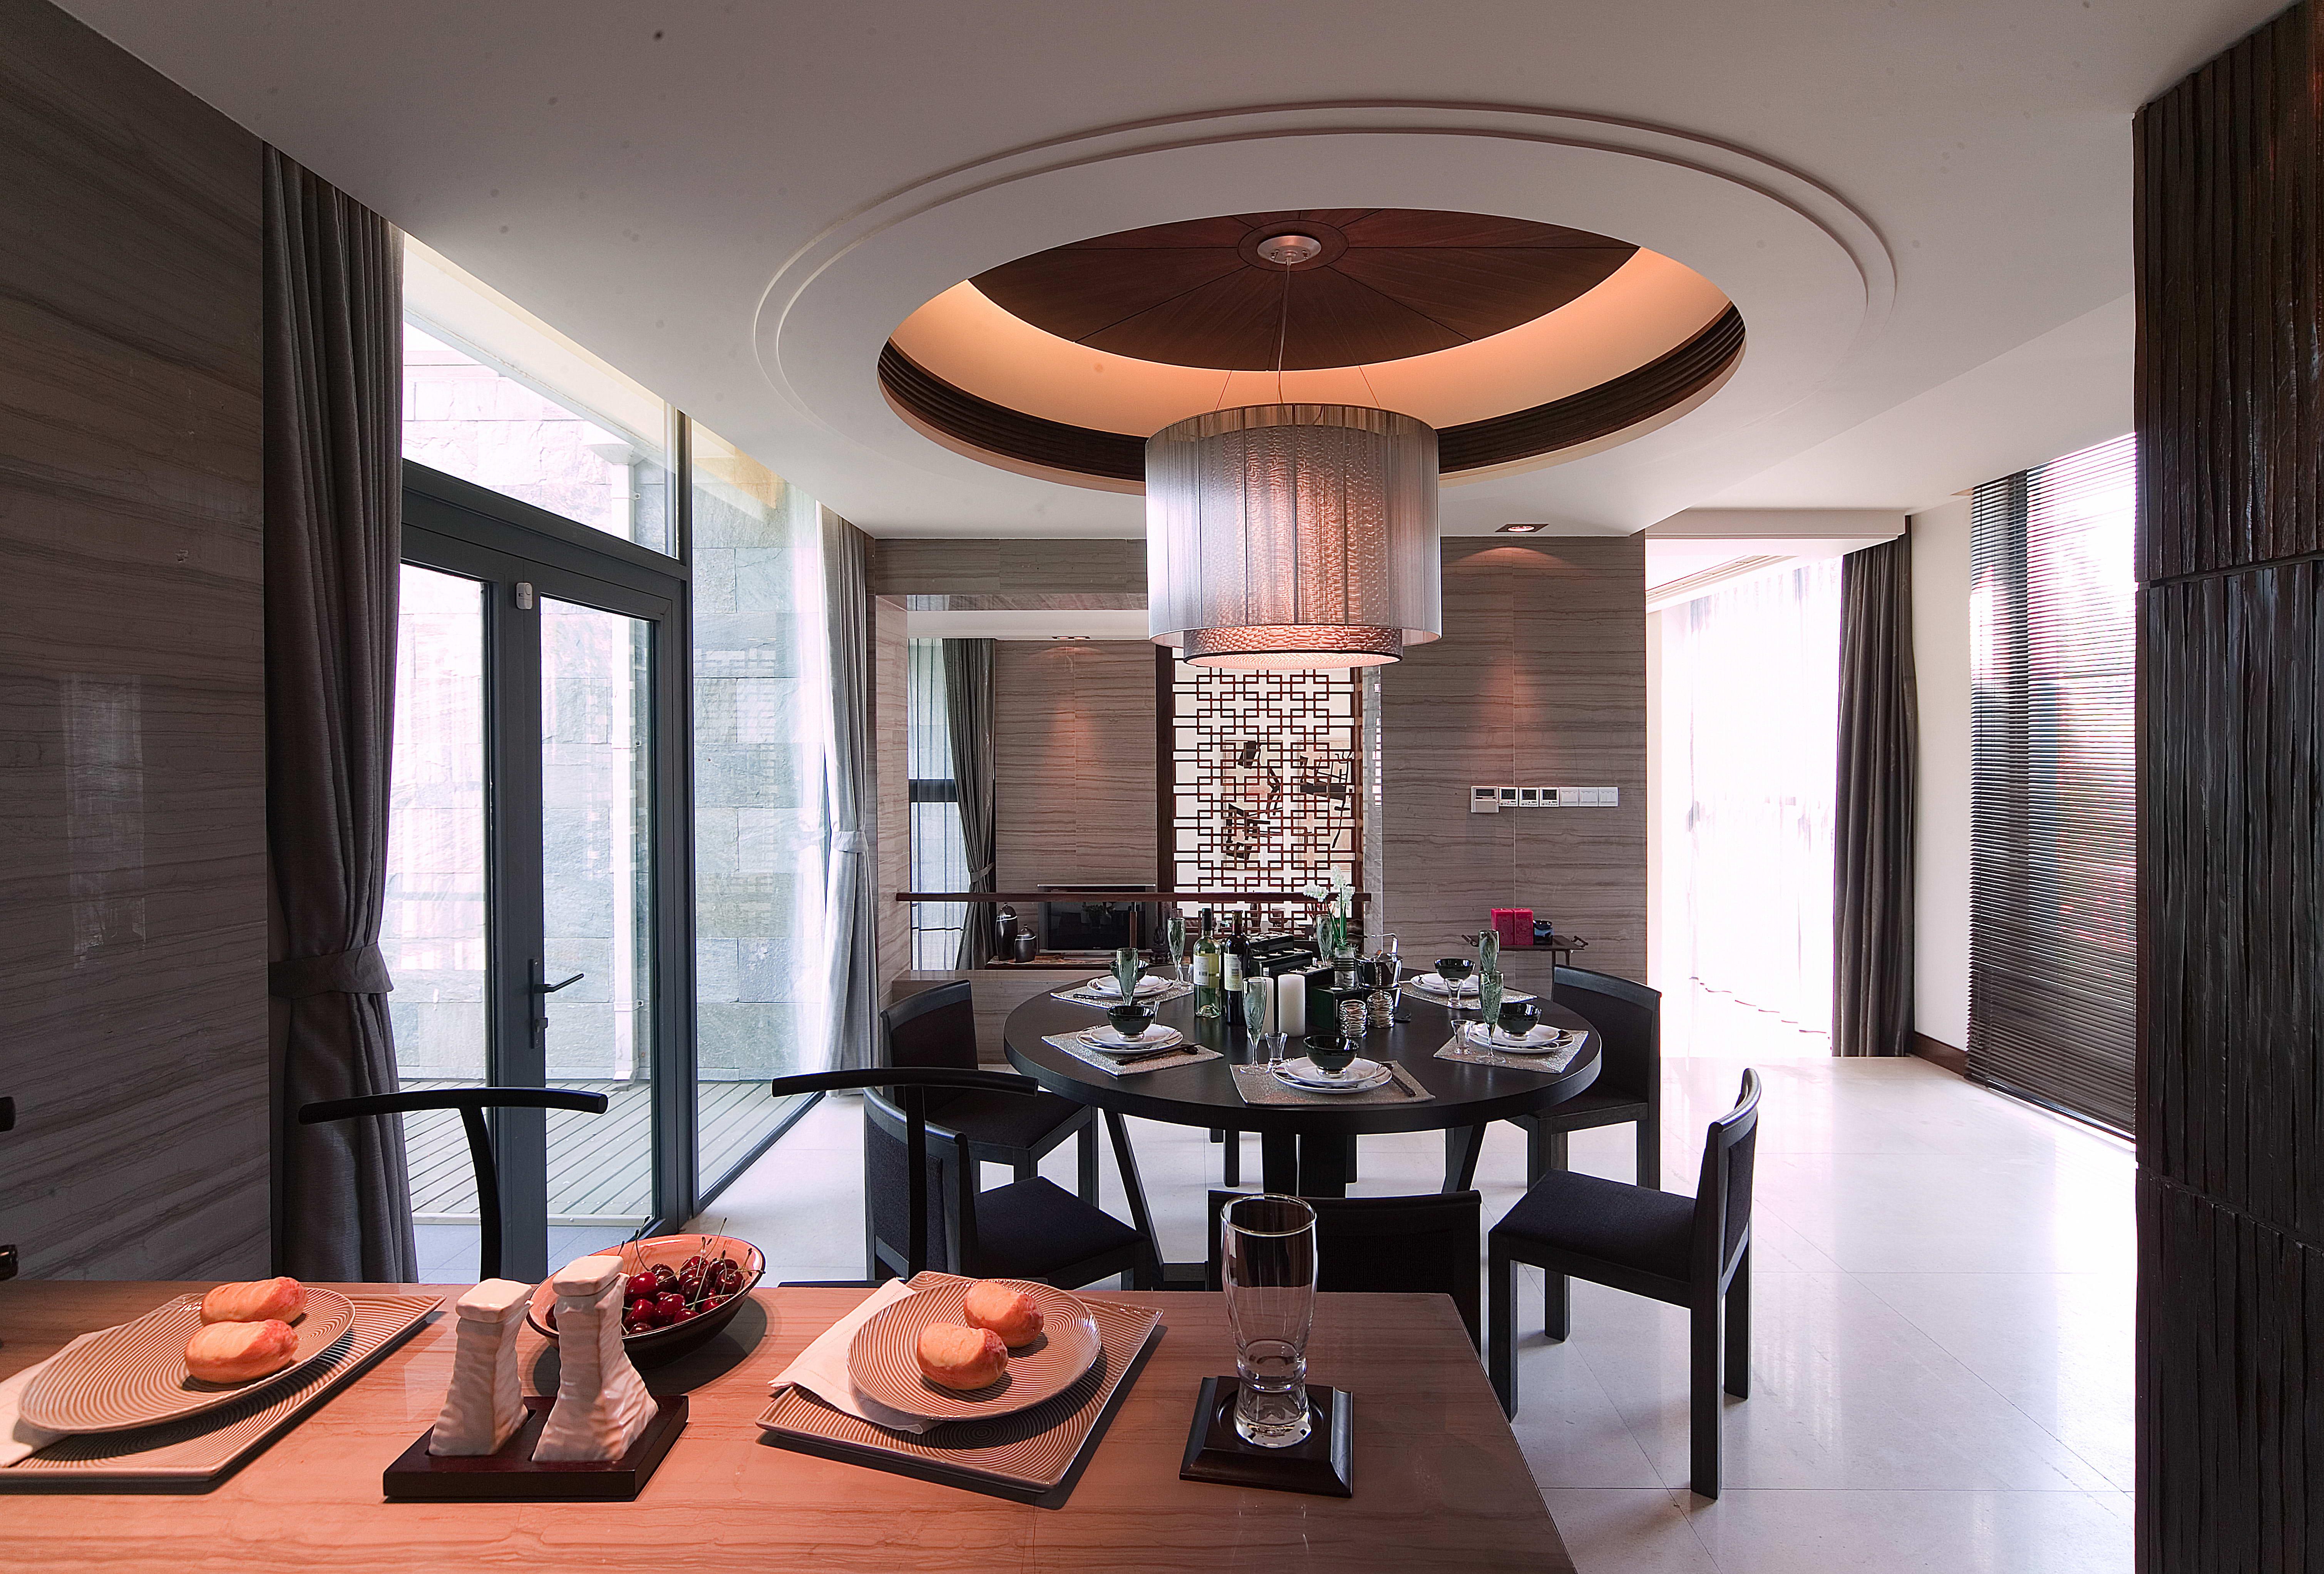 餐厅图片来自用户1721279202在杭州浪漫河山新中式风格装修的分享